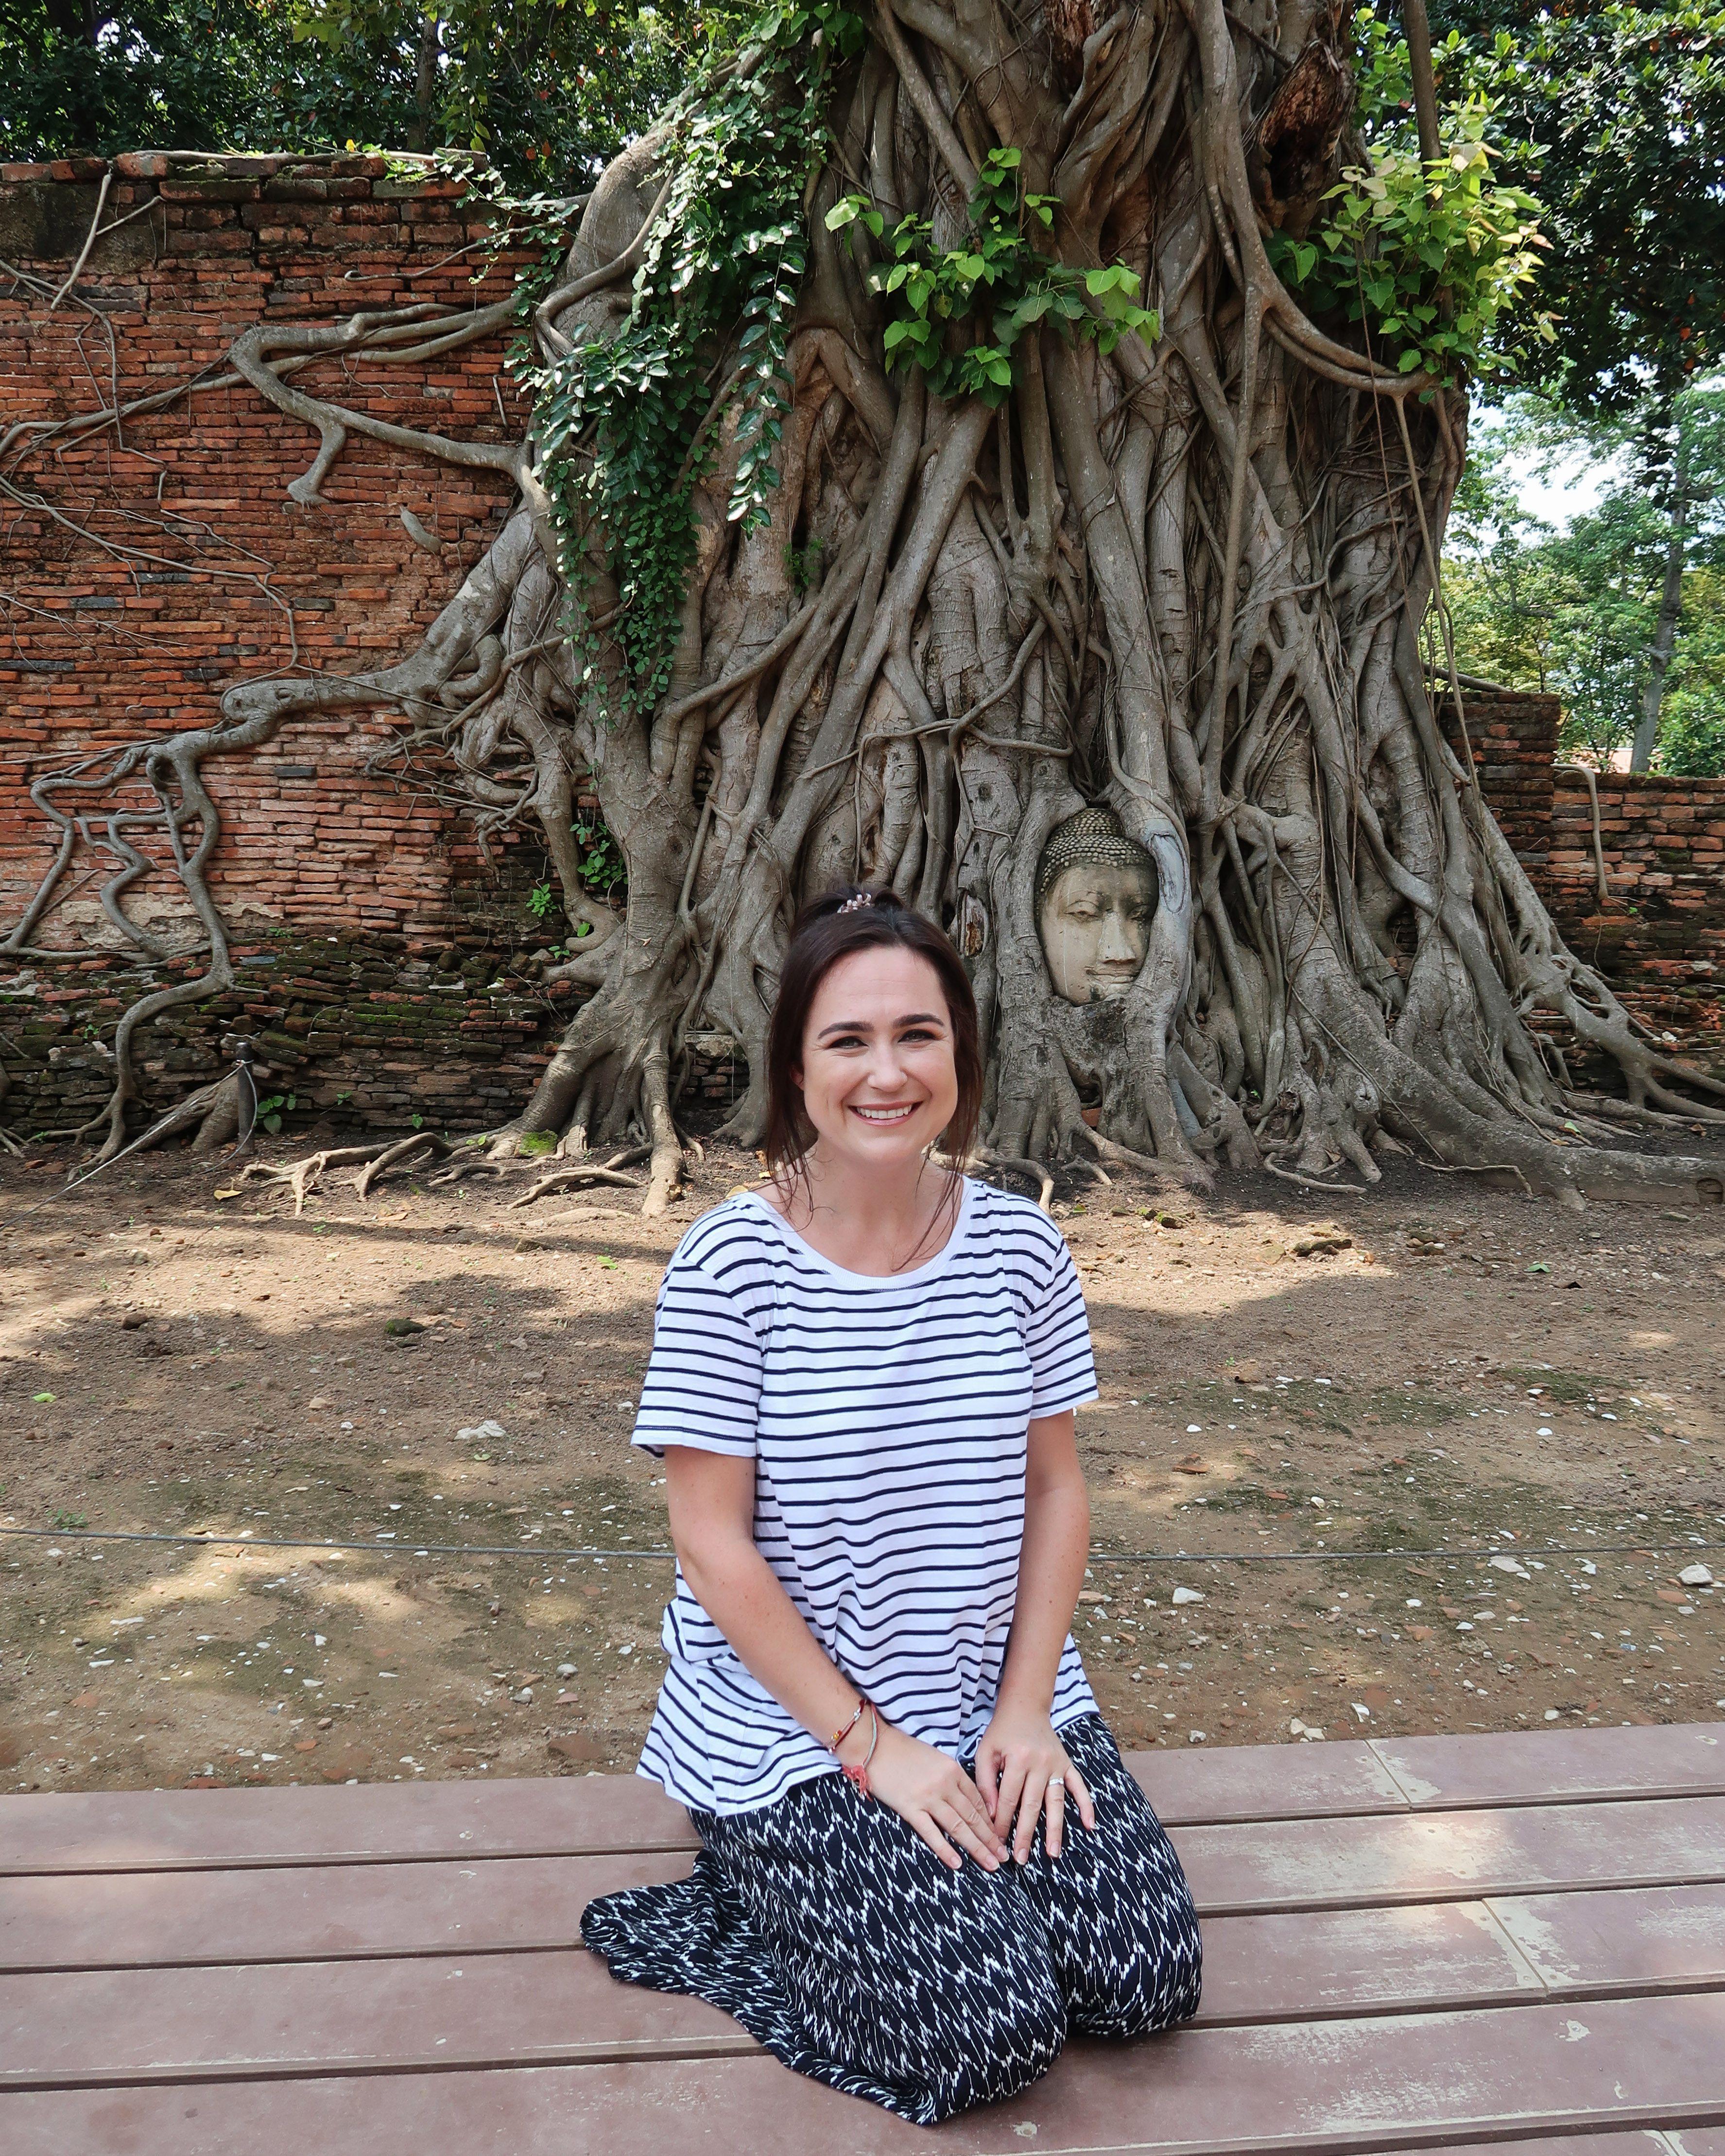 ayutthaya buddha tree